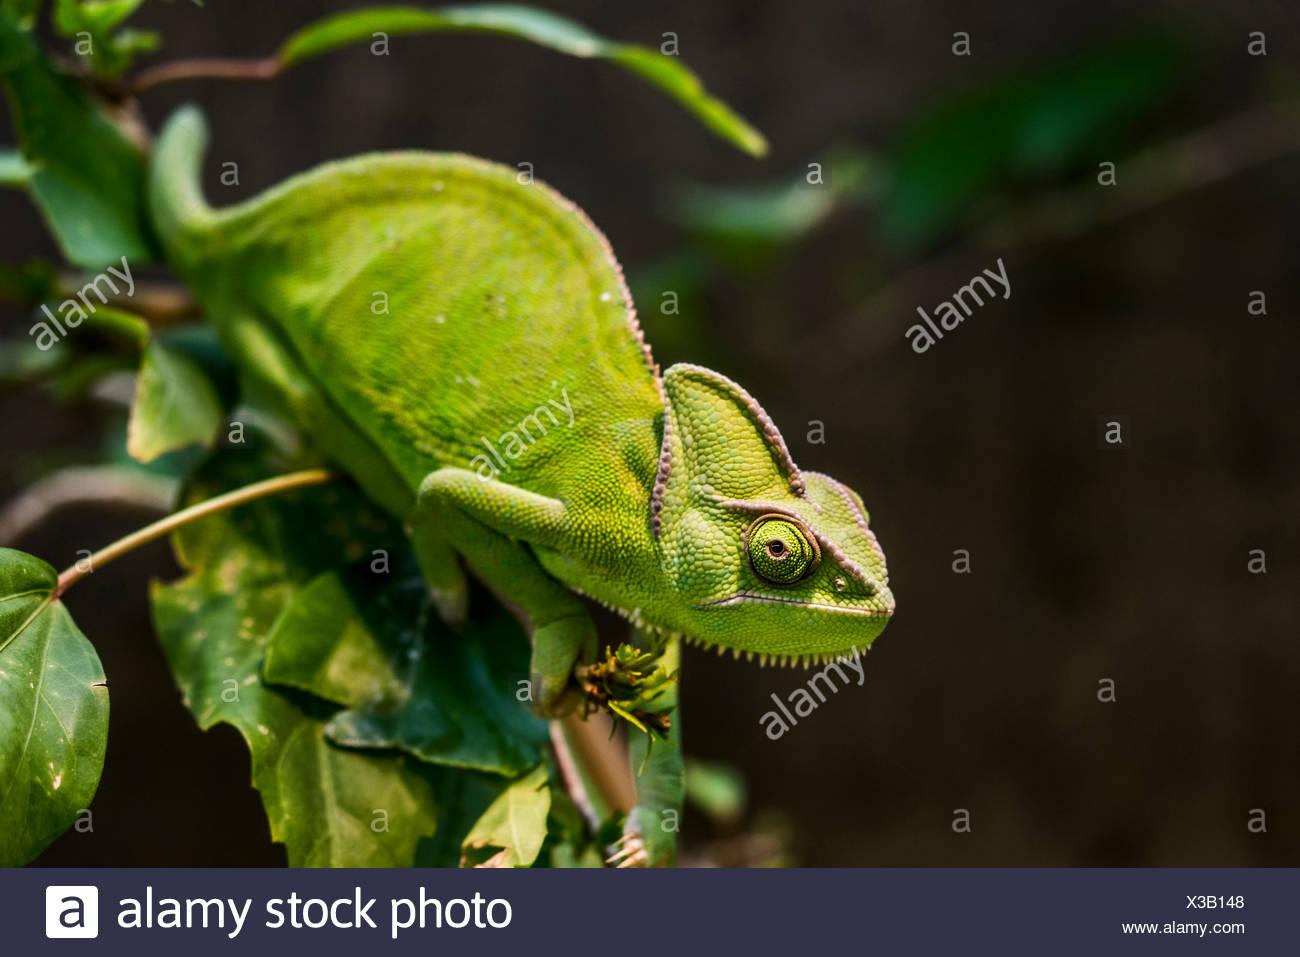 Yemen Chameleon or Veiled Chameleon (Chamaeleo calyptratus), Wilhelma Zoo and Botanical Garden, Stuttgart, Baden-Württemberg - Stock Image